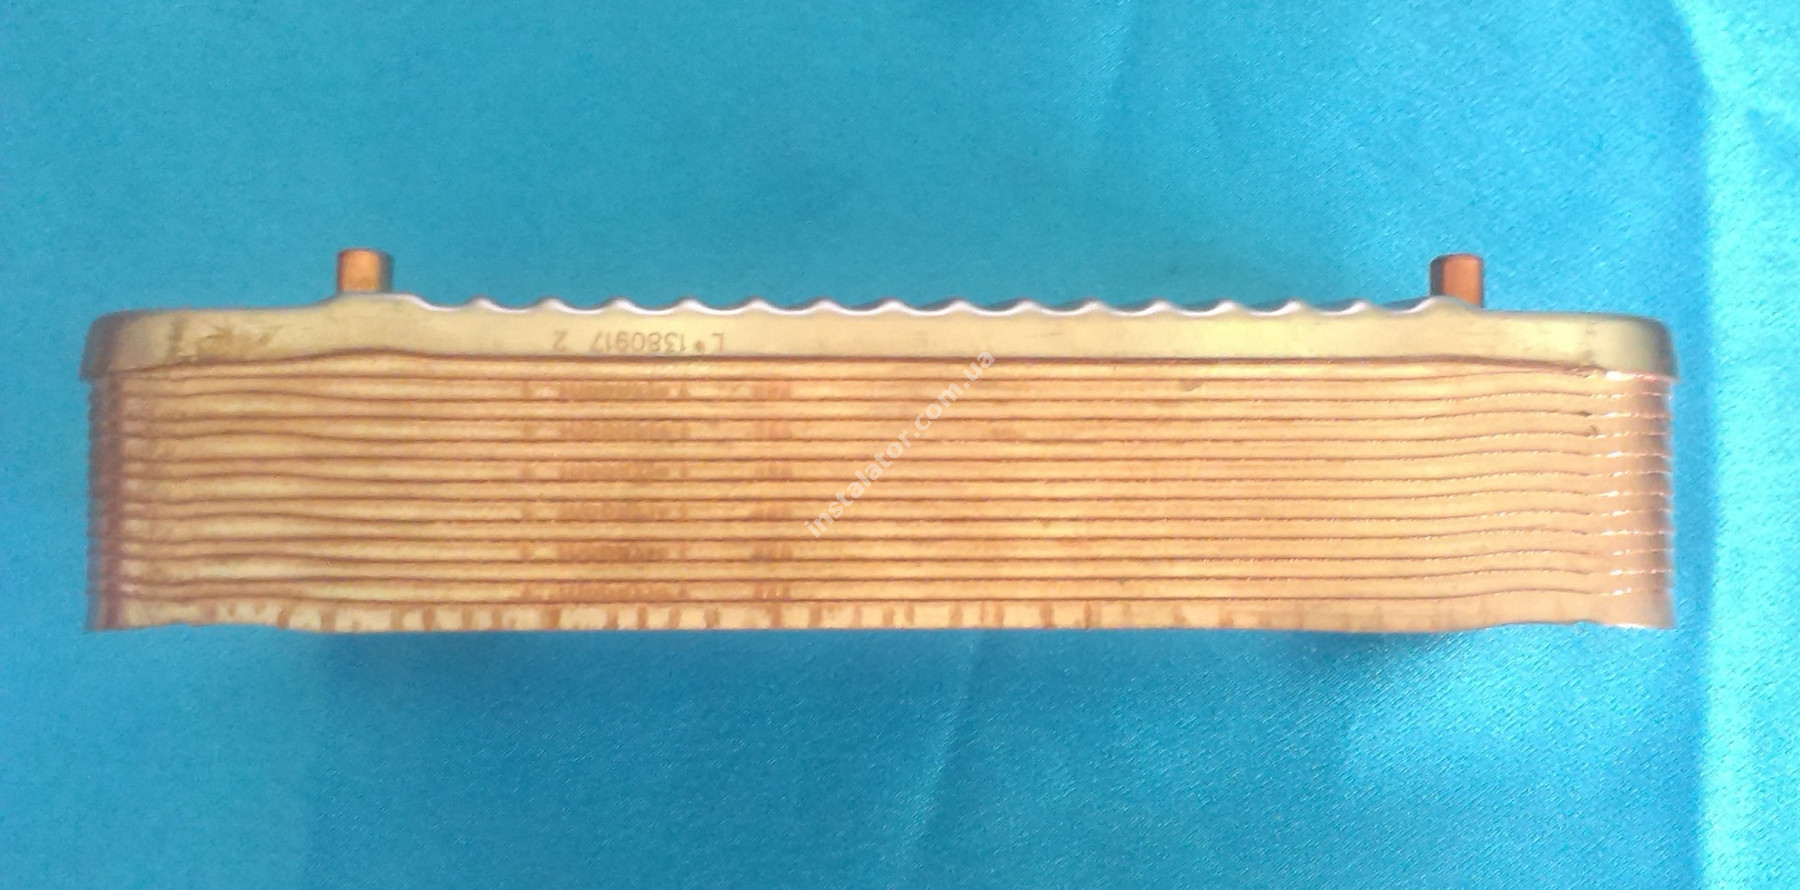 BI1001101 Теплообмінник ГВП Biasi BARVA, GARDA, RIVA COMPACT full-image-4